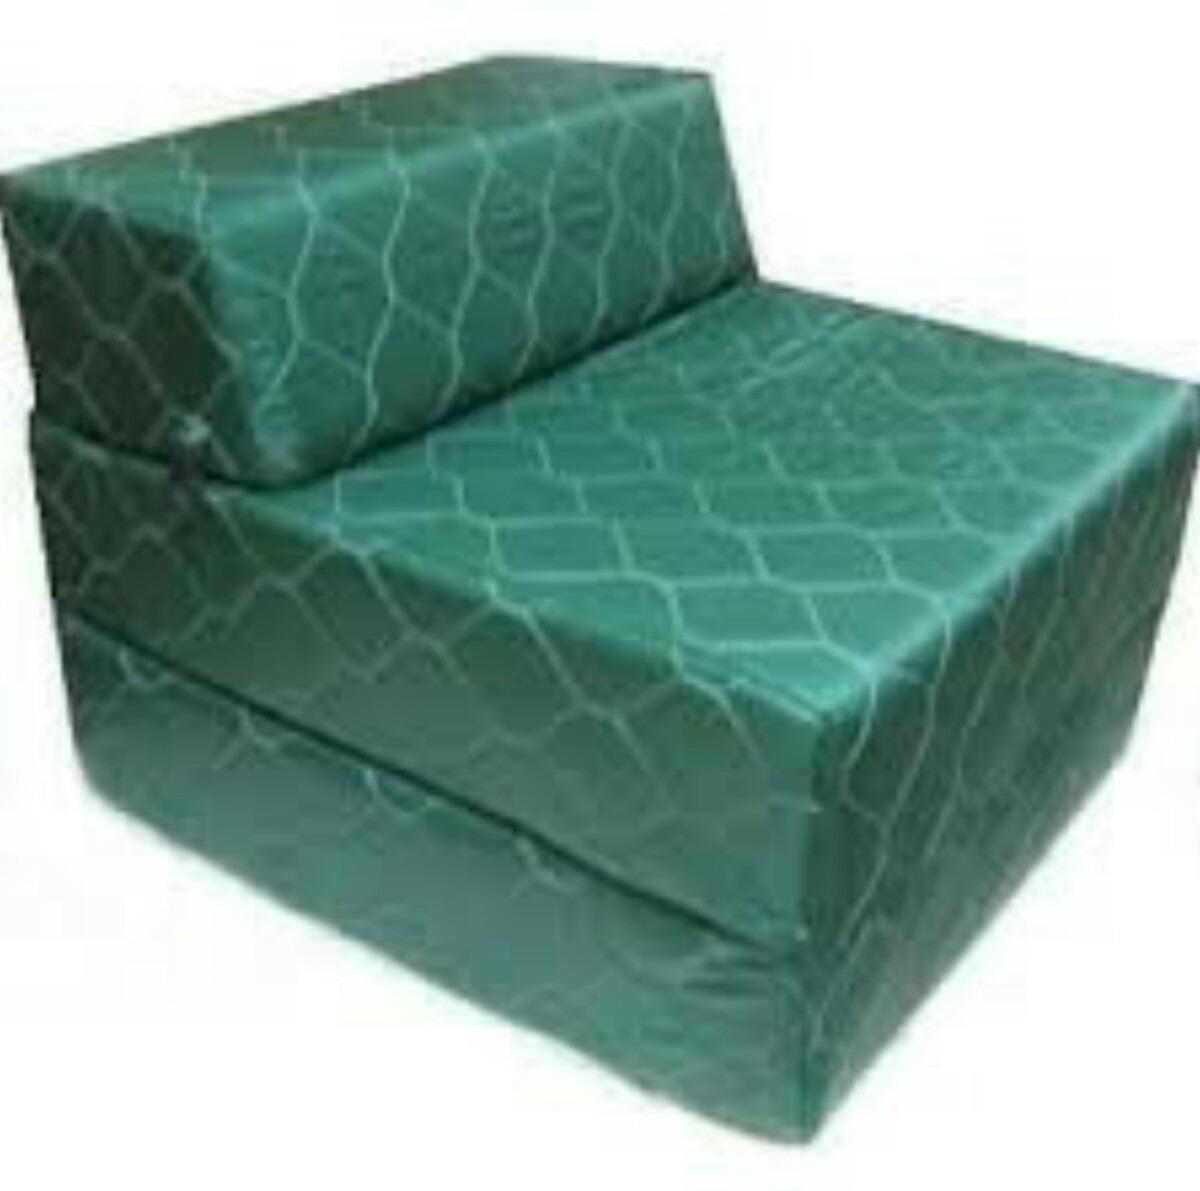 Sofa cama paradise bs en mercado libre for Mercado libre sofa camas nuevos